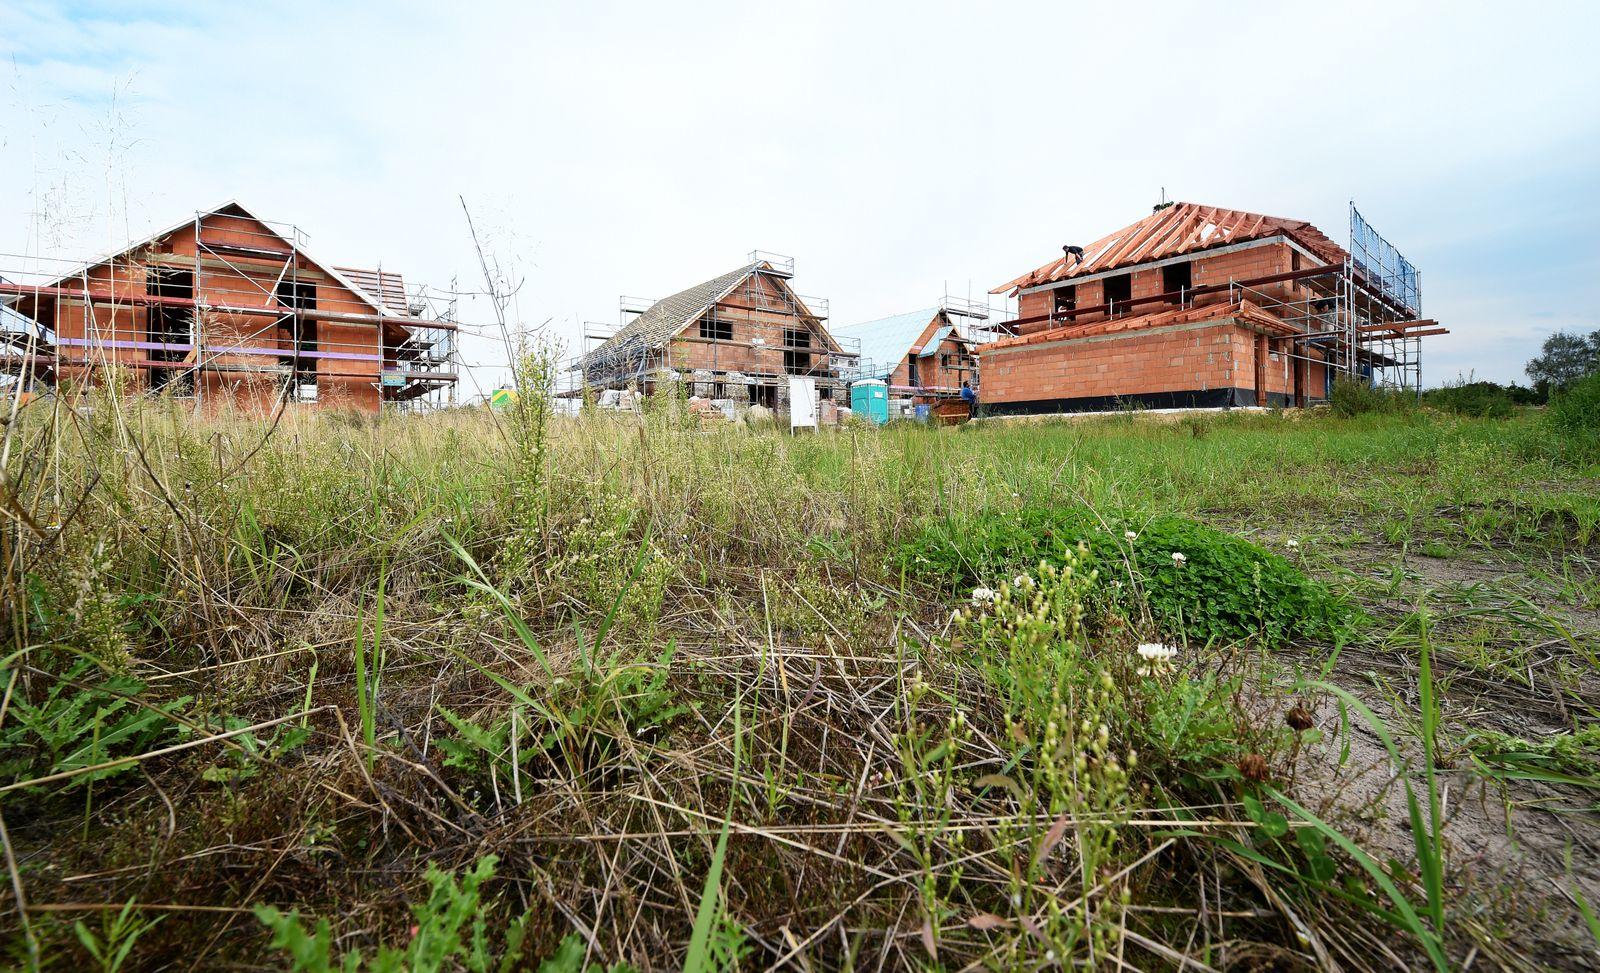 Neubauten / Neubauten / Neubausiedlung / Immobilien / Wohnhäuser